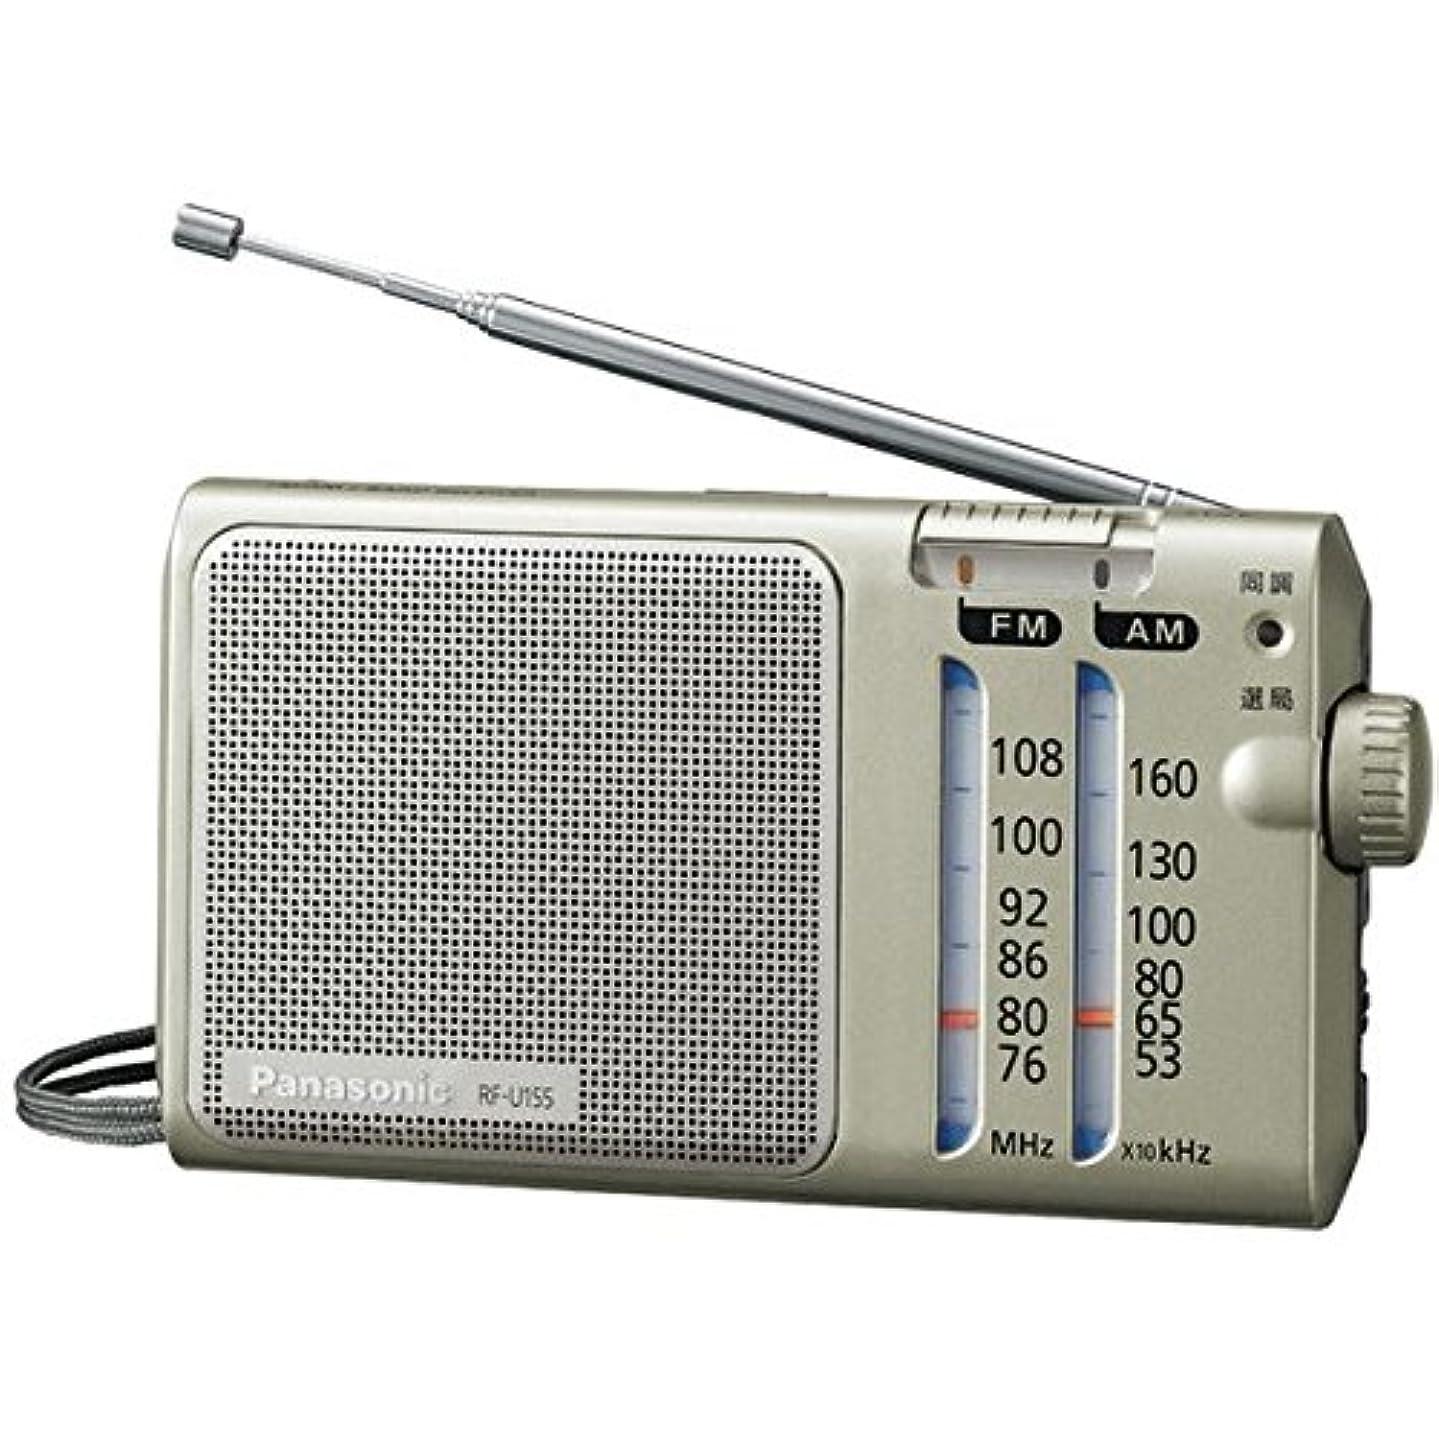 パナソニック(家電) FM/AM 2バンドレシーバー RF-U155-S 家電 その他の家電 14067381 [並行輸入品]